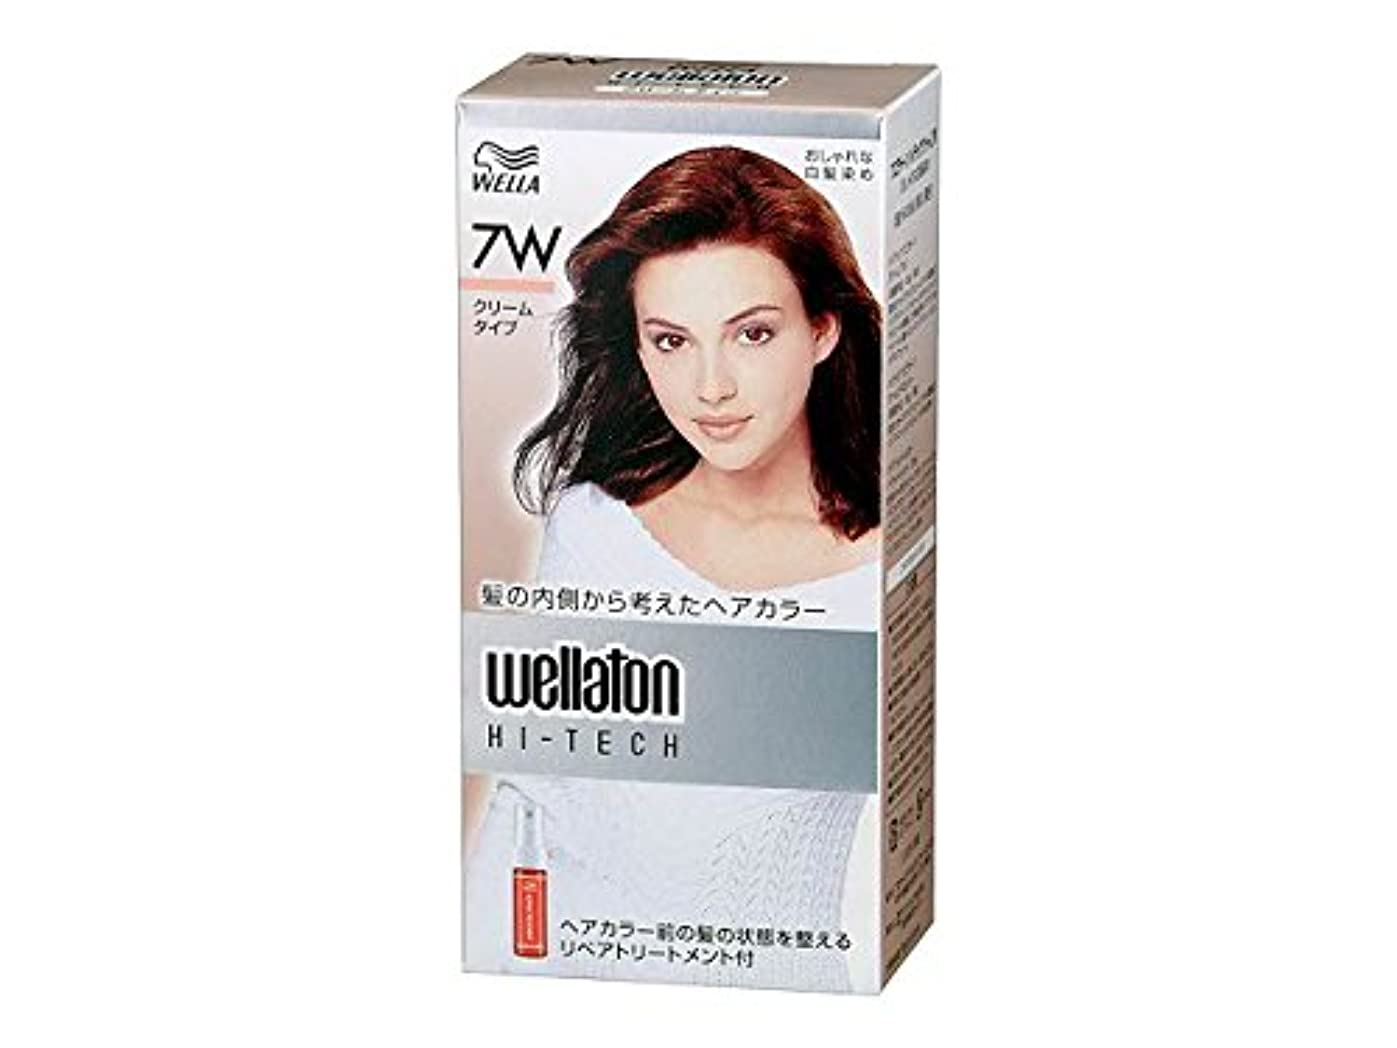 乳サンダル戻る【ヘアケア】P&G ウエラトーン ハイテック クリーム 7W 暖かみのある明るい栗色 医薬部外品 白髪染めヘアカラー(女性用)×24点セット (4902565140541)